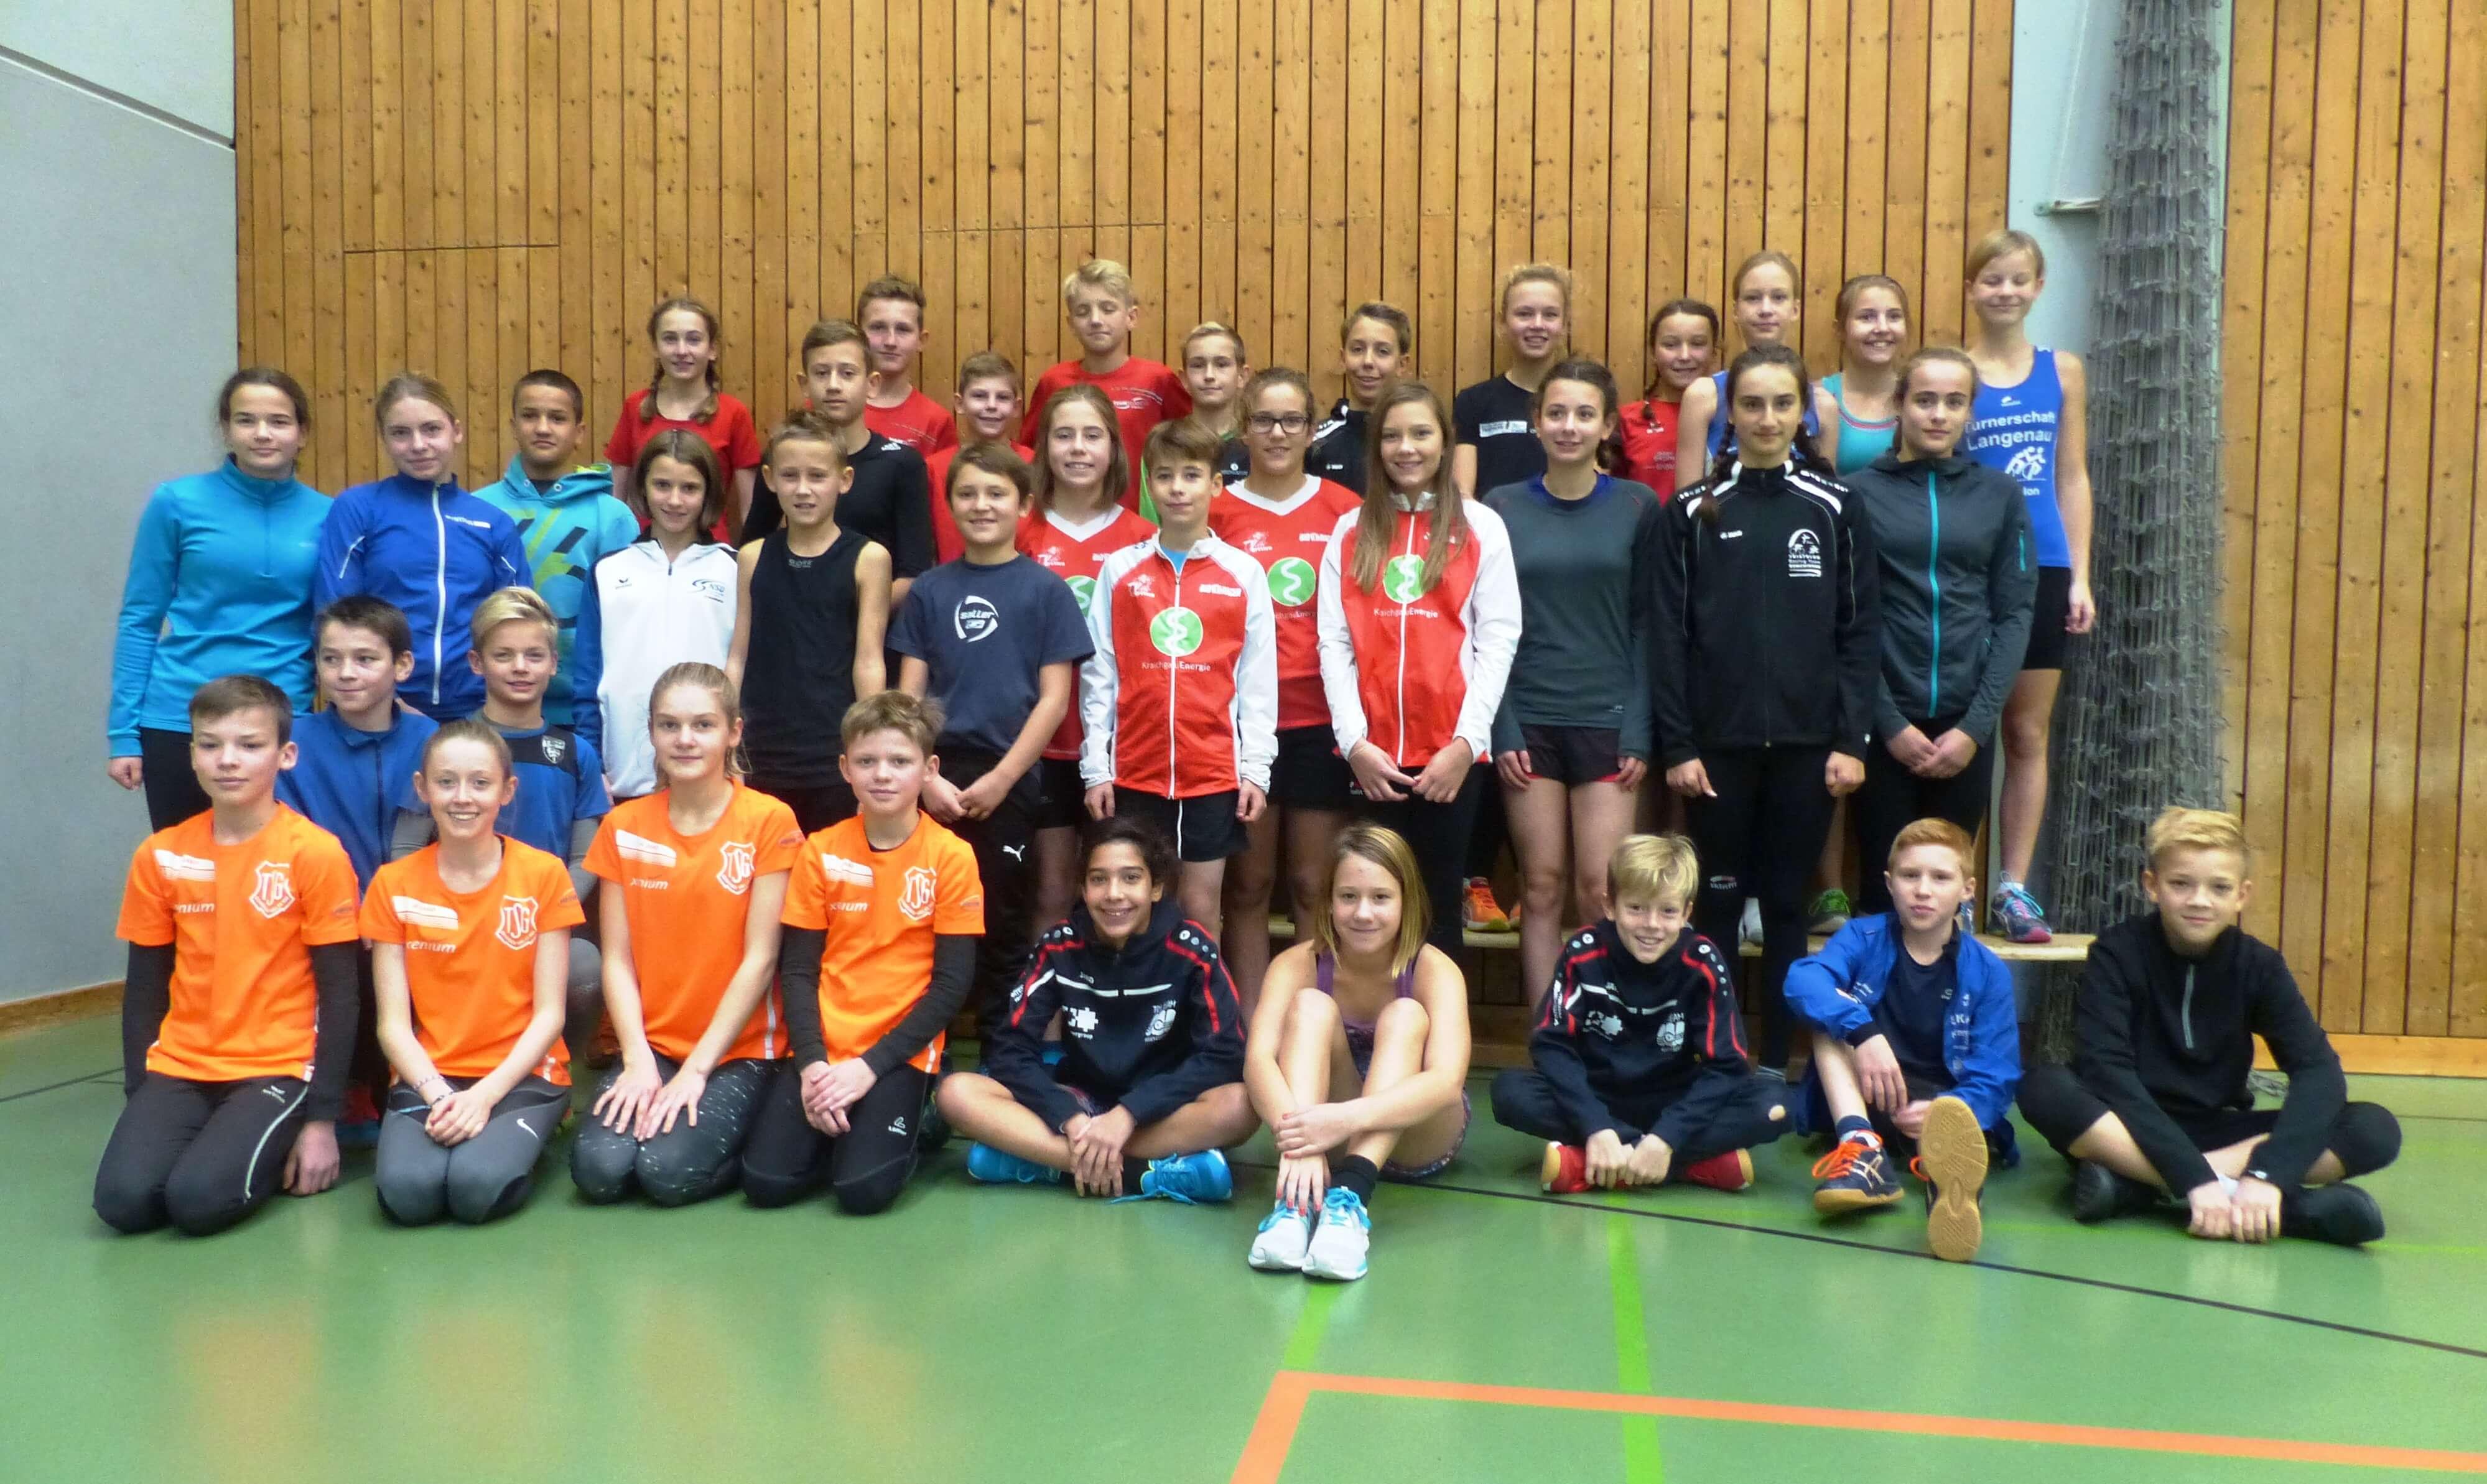 Die Nachwuchssportlerinnen und -sportler der Vereinssichtung 2016 in Karlsruhe.